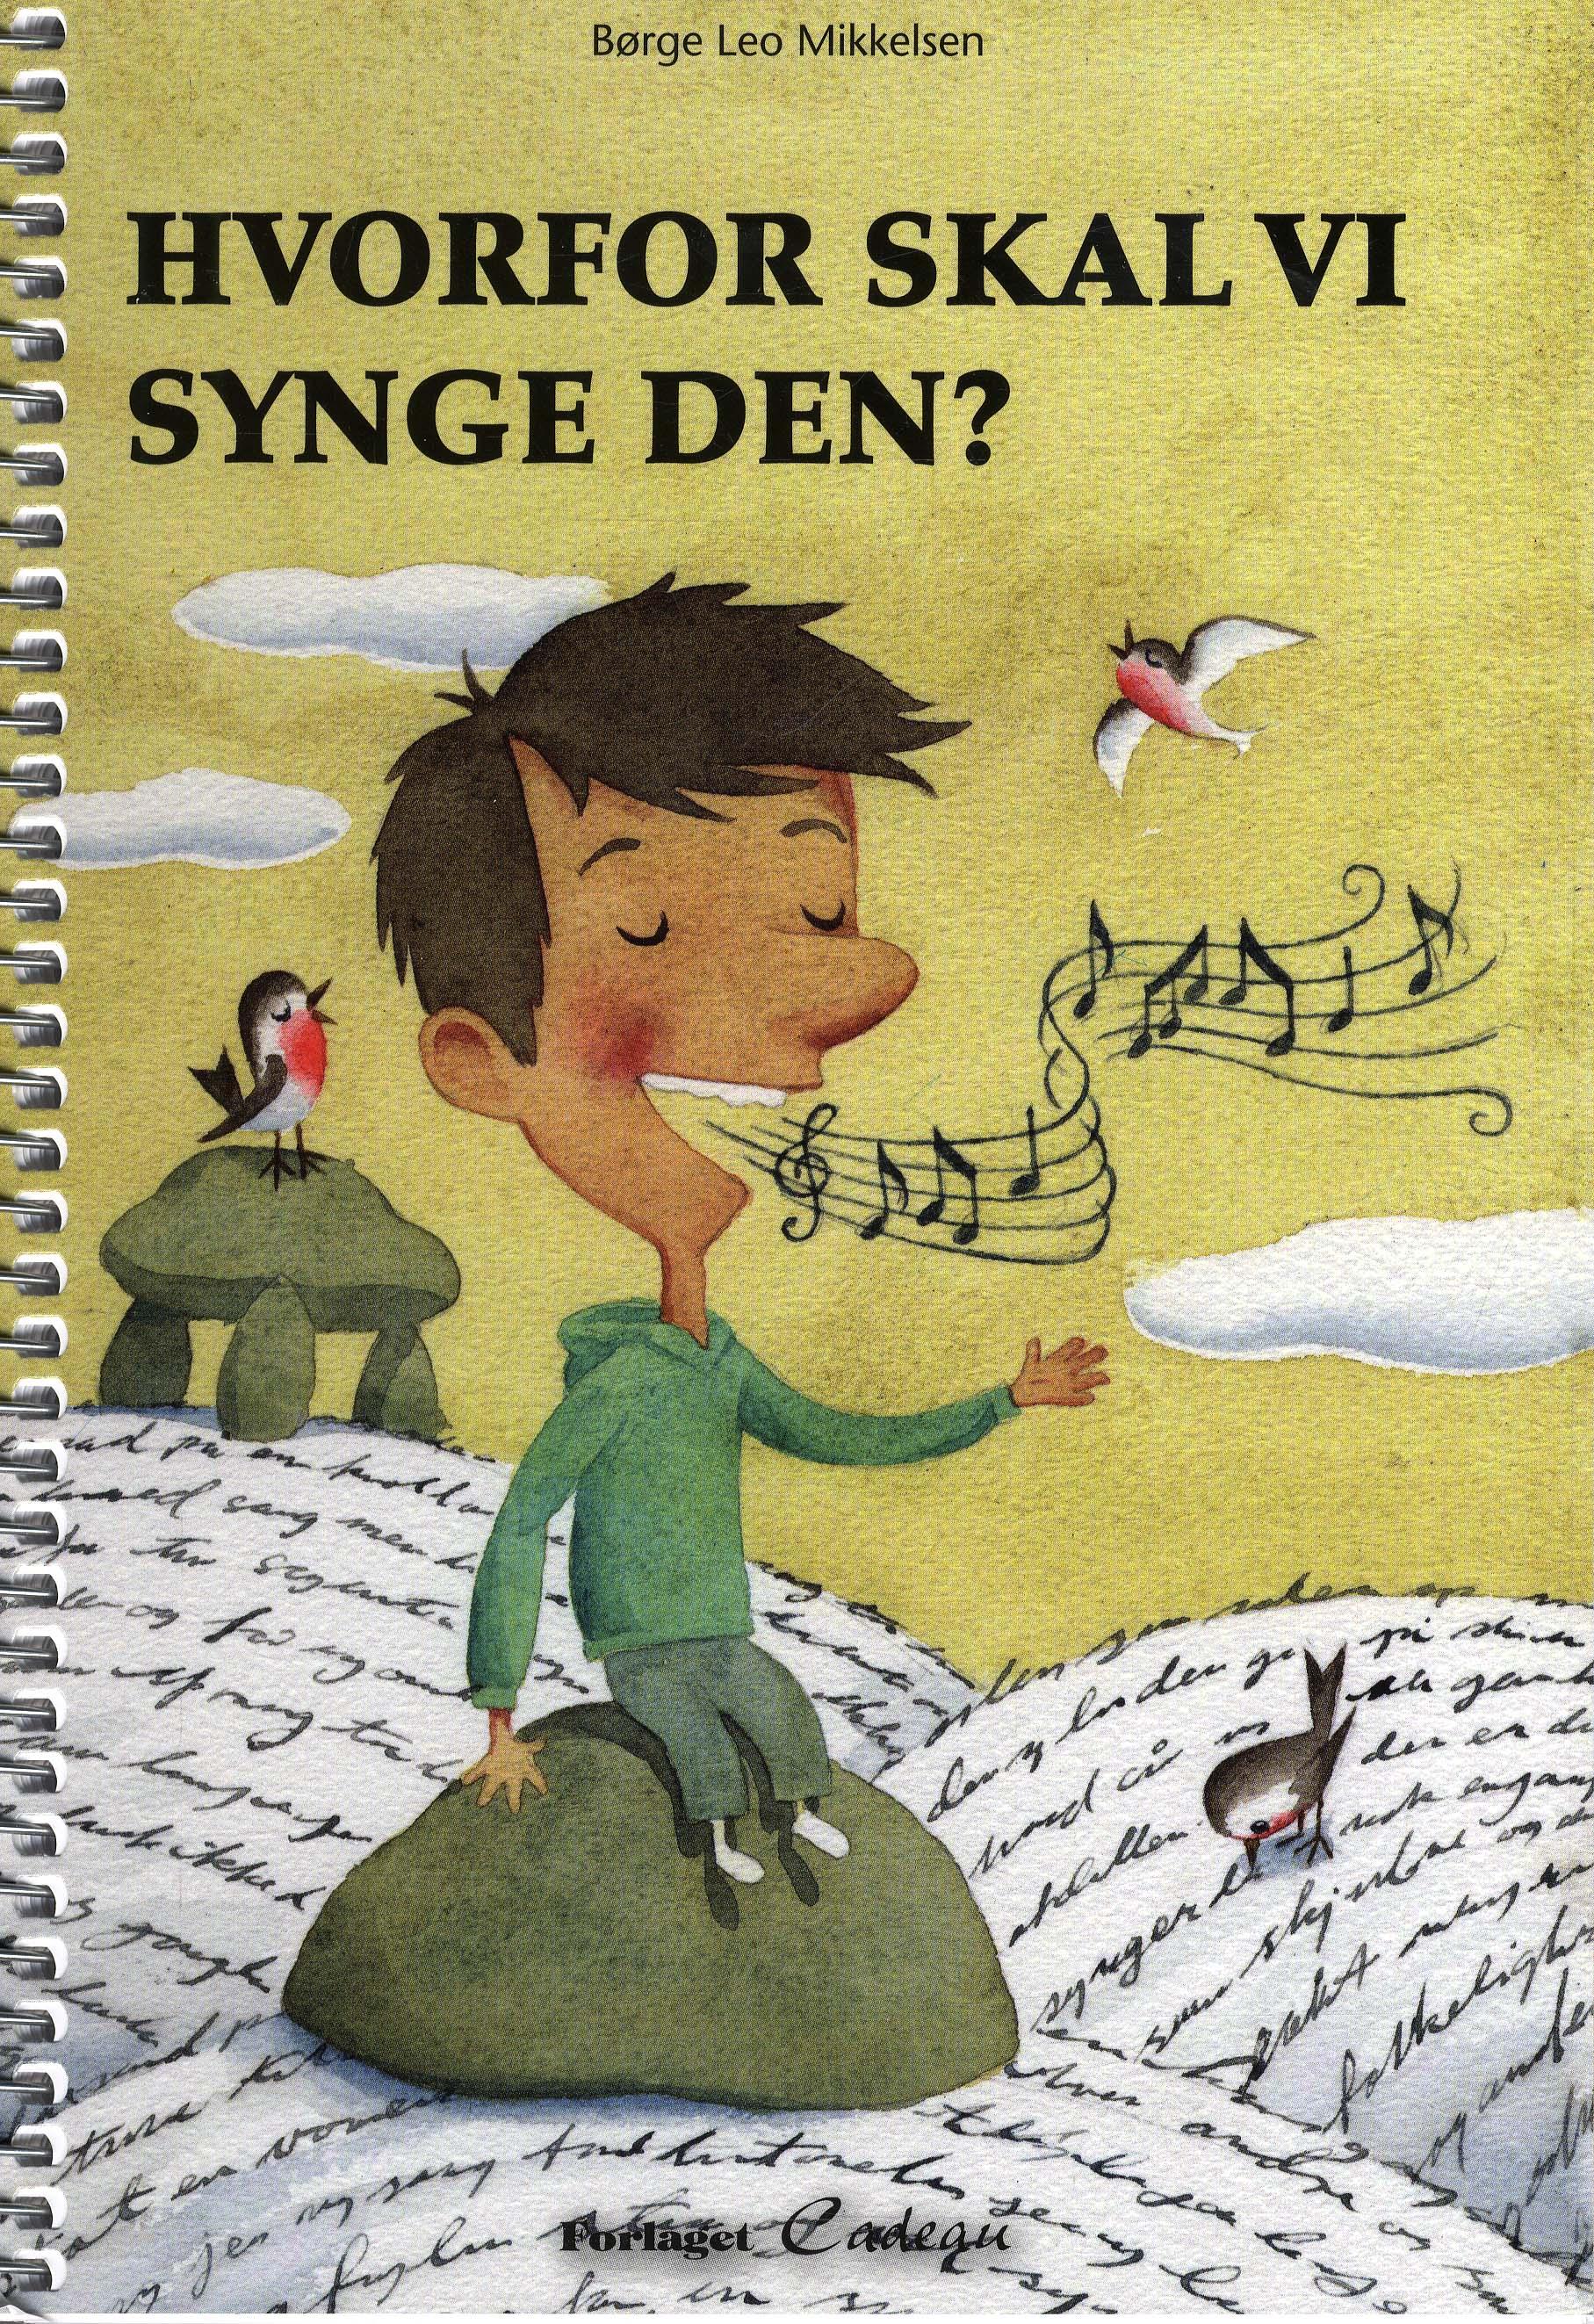 Hvorfor skal vi synge den?